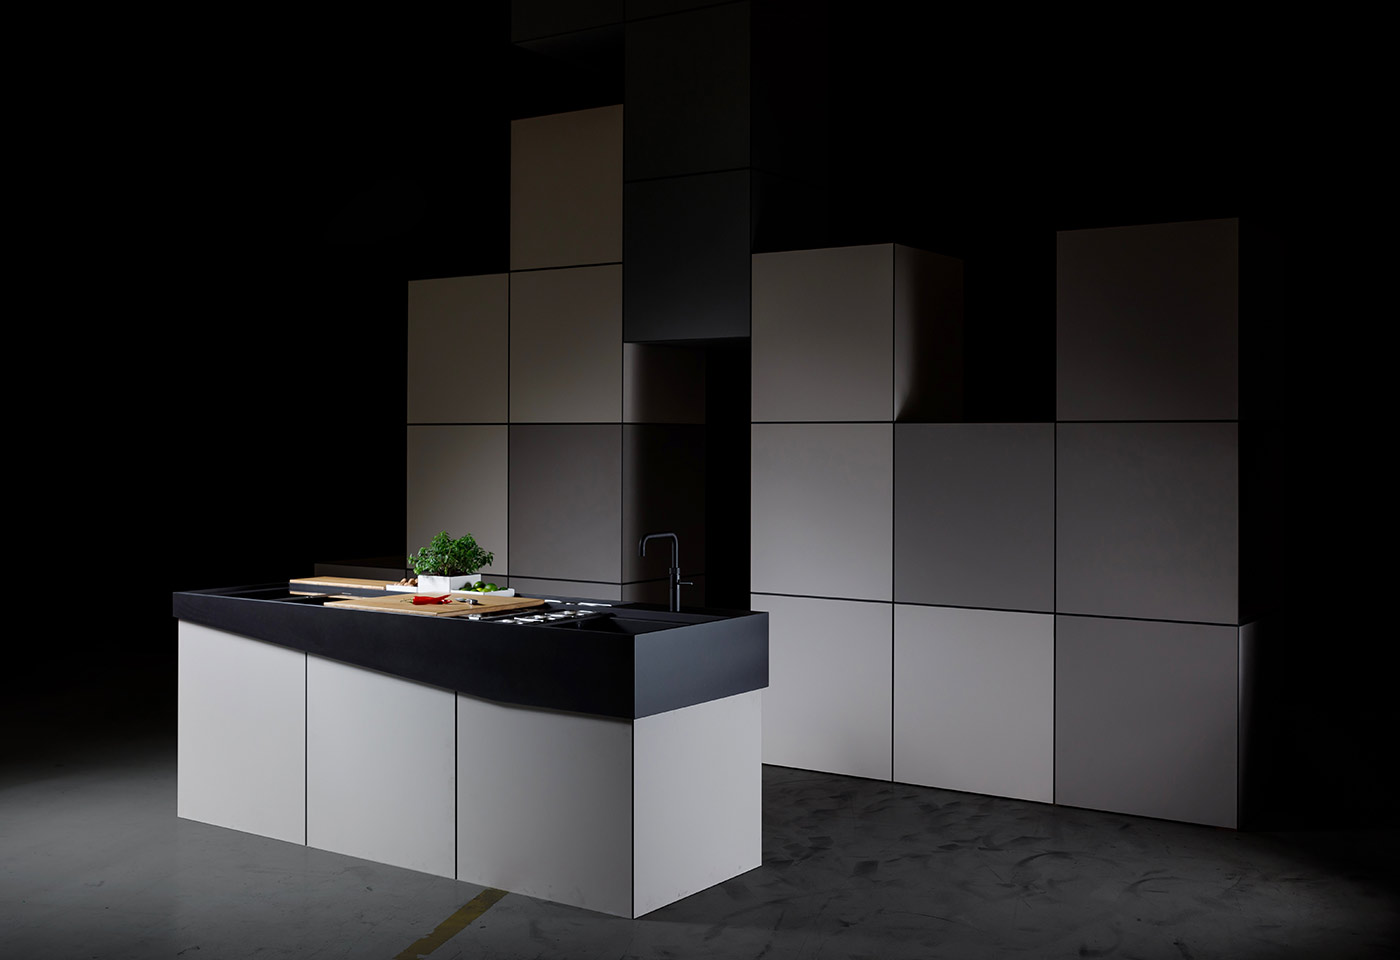 Umsetzung der zerlegbaren Kochinsel mit Tetris-Hintergrund.